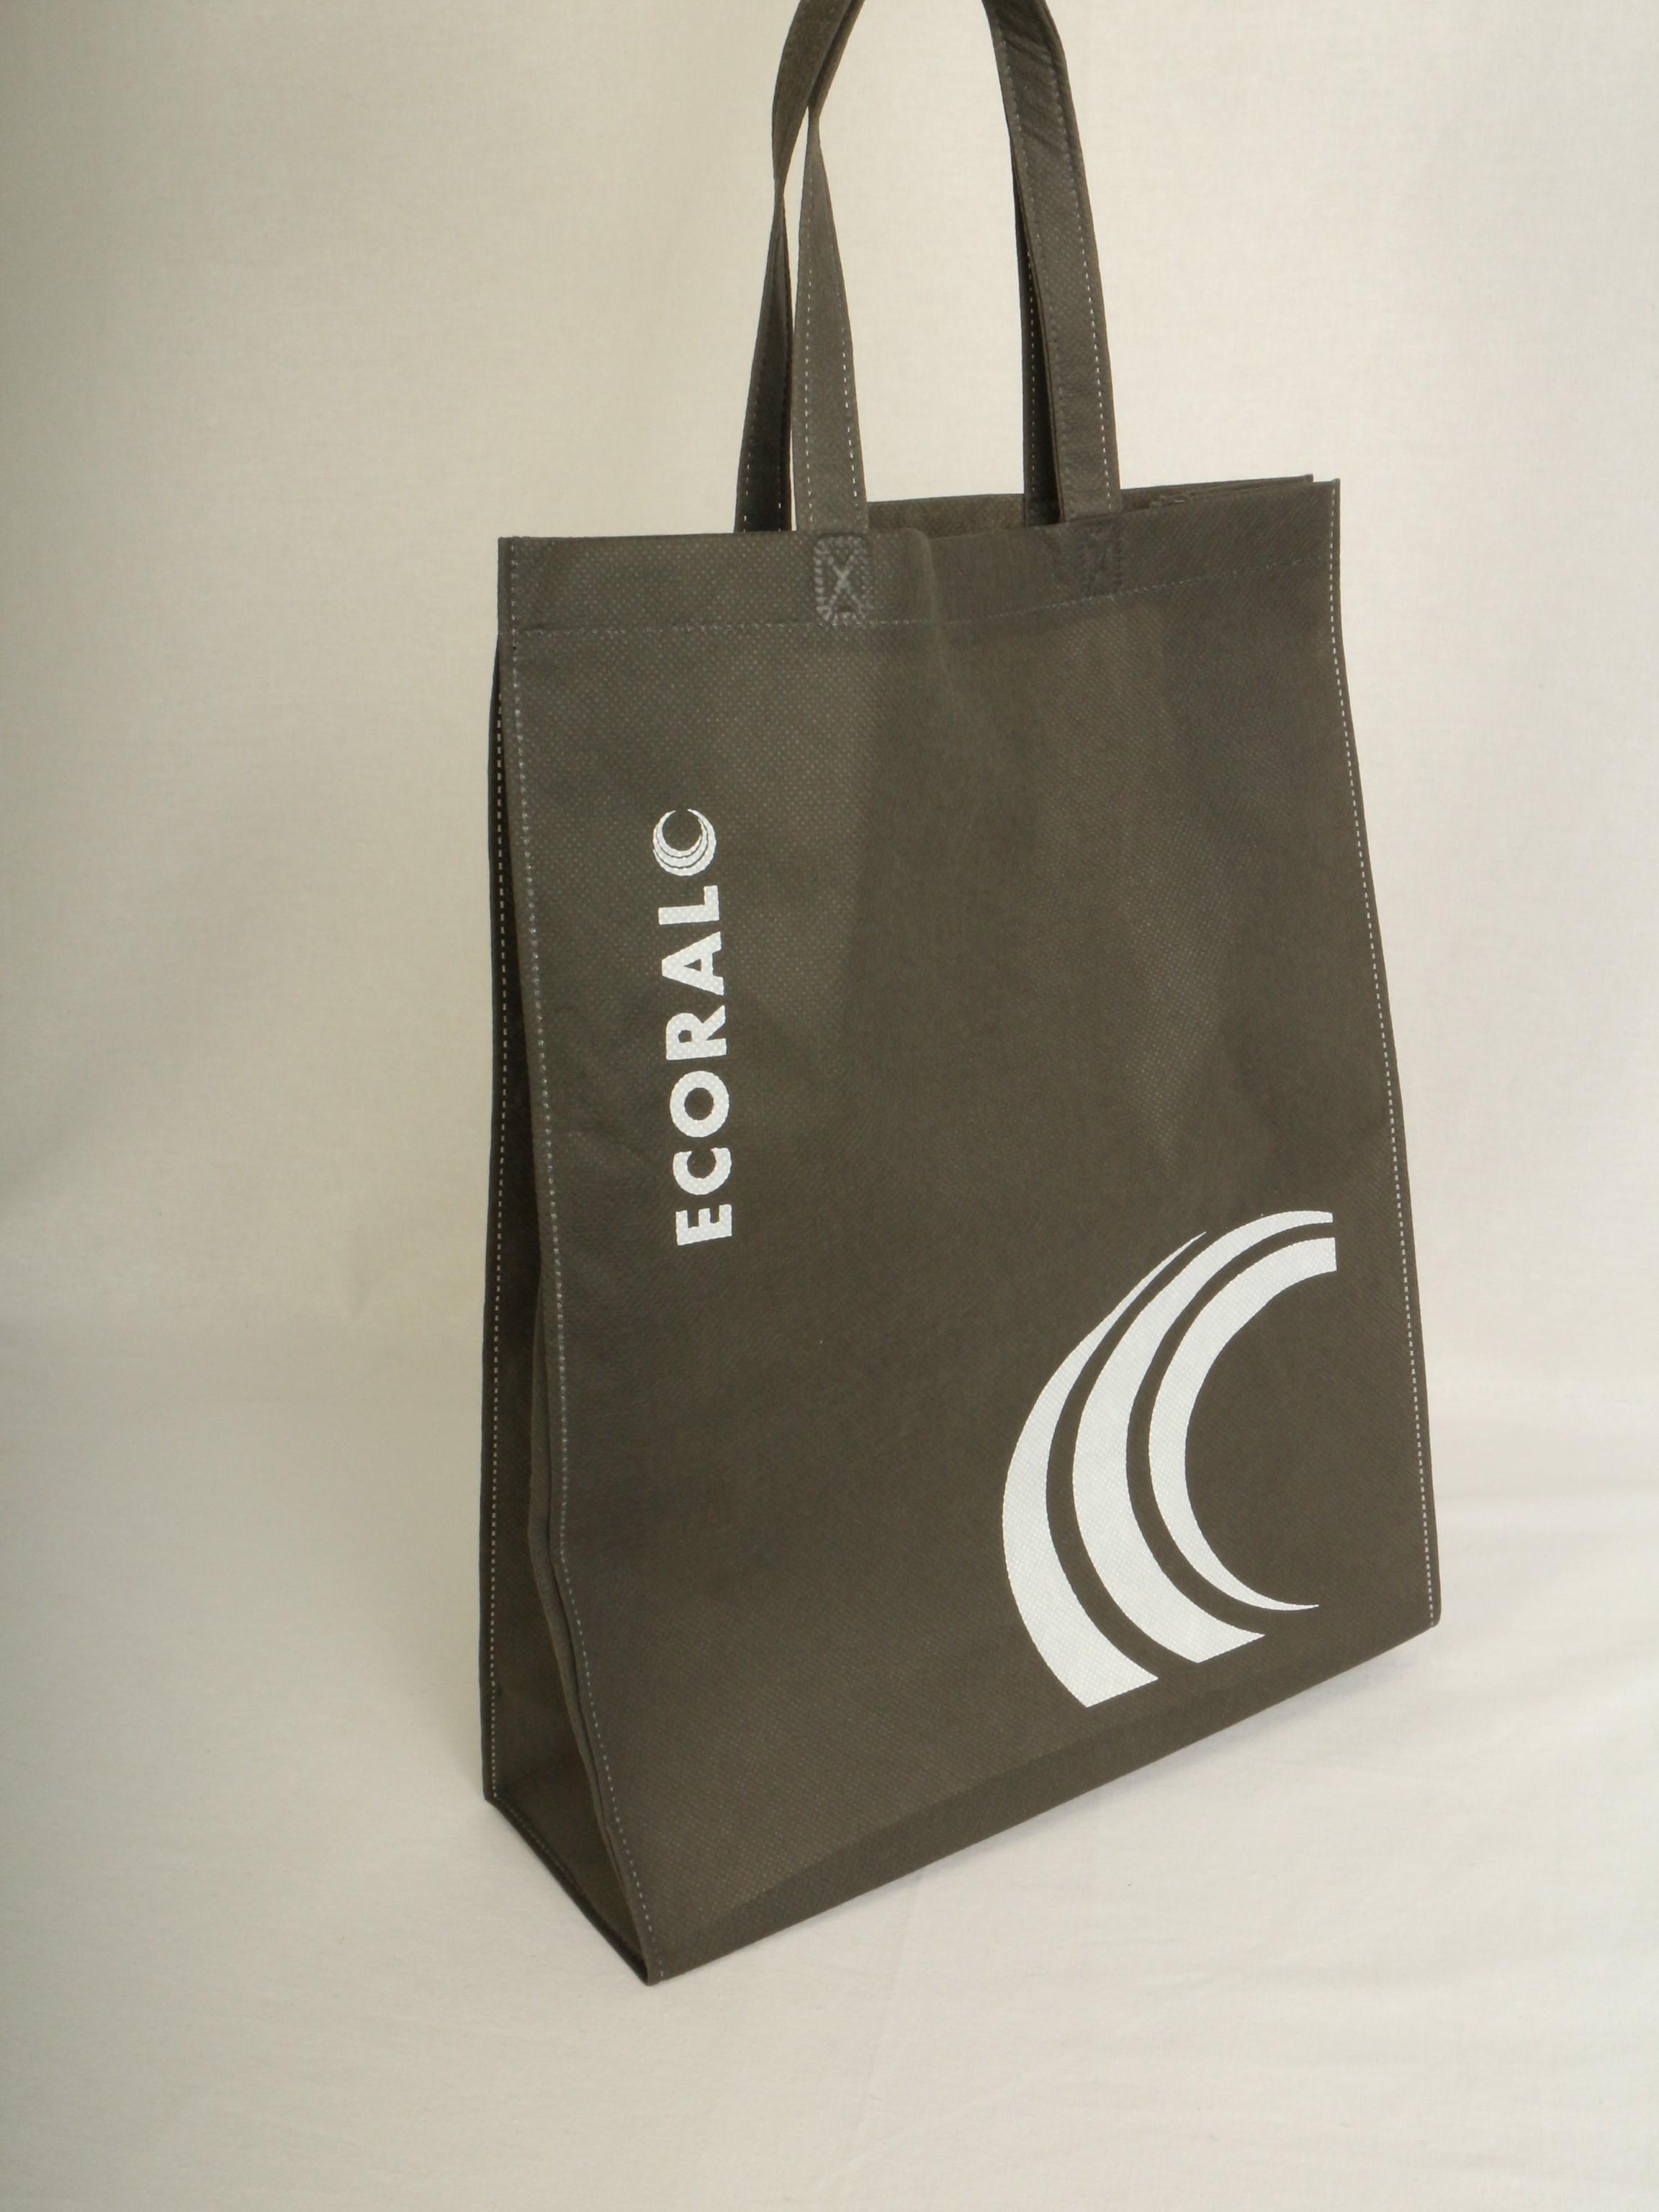 展示会用のオリジナル不織布バッグ